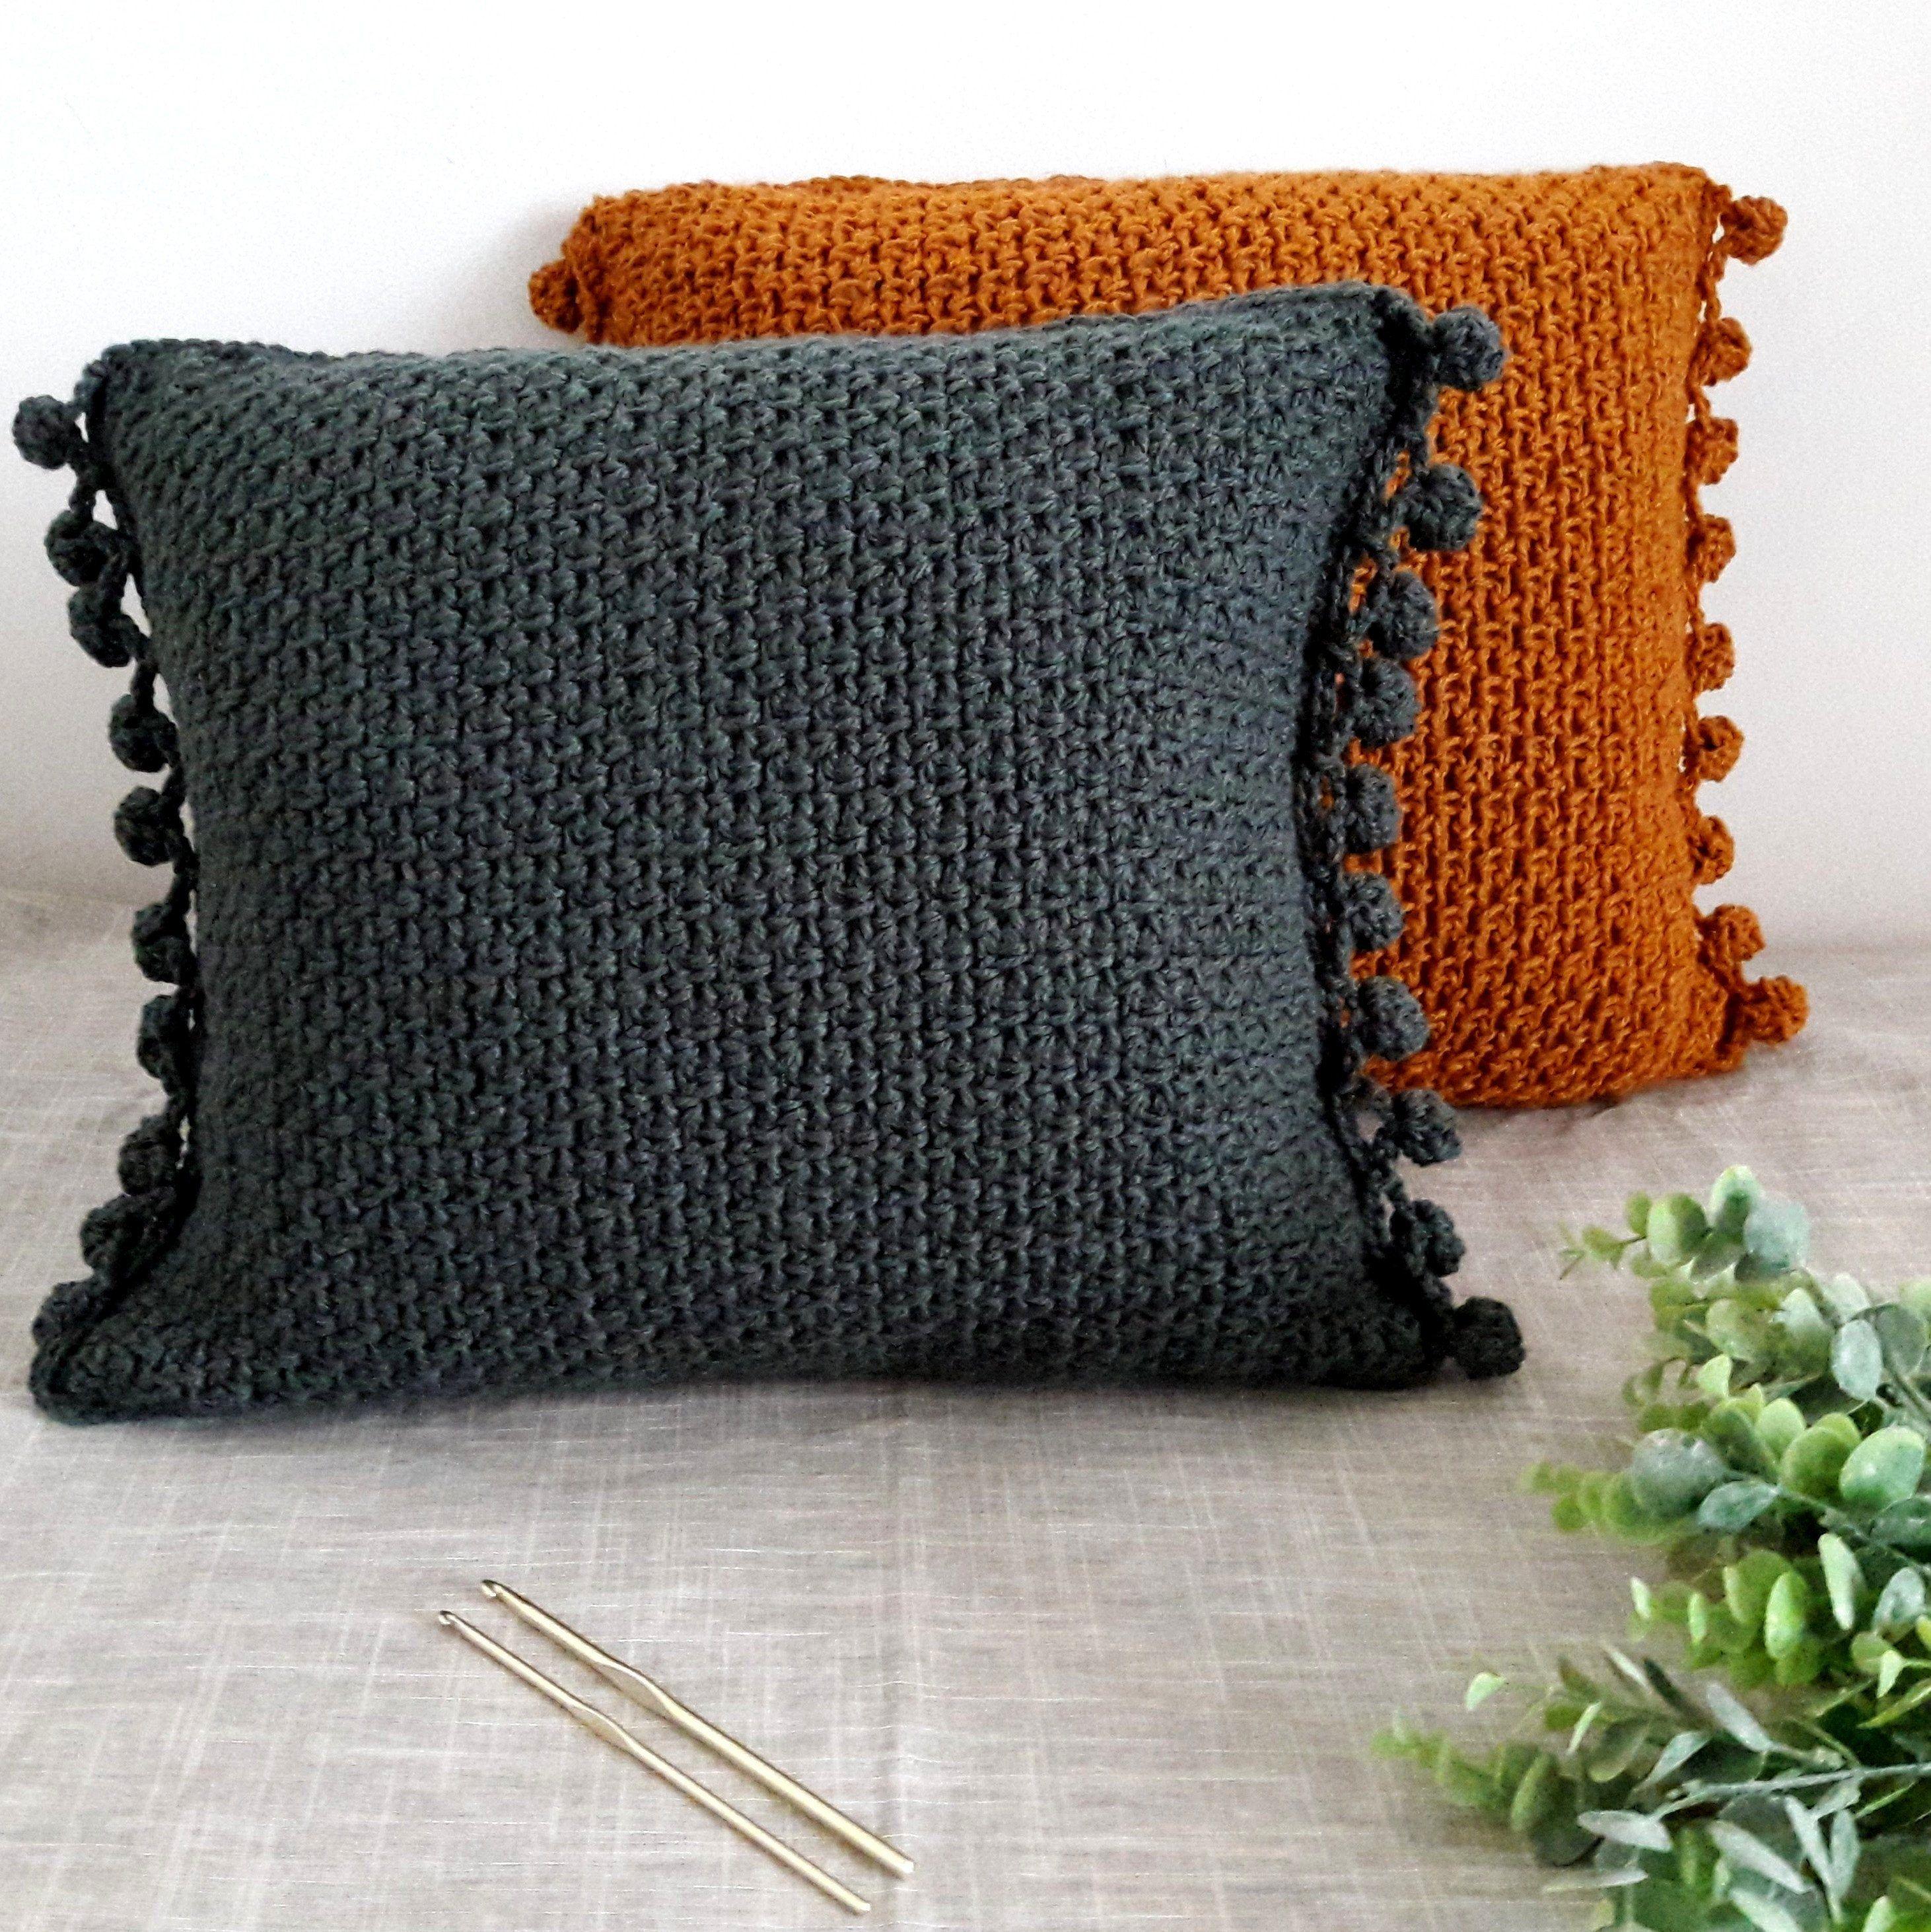 Crochet throw pillow pattern, Crochet cushion pattern, Crochet pillow pattern, Crocheted pillow, Easy crochet, Pillows patterns